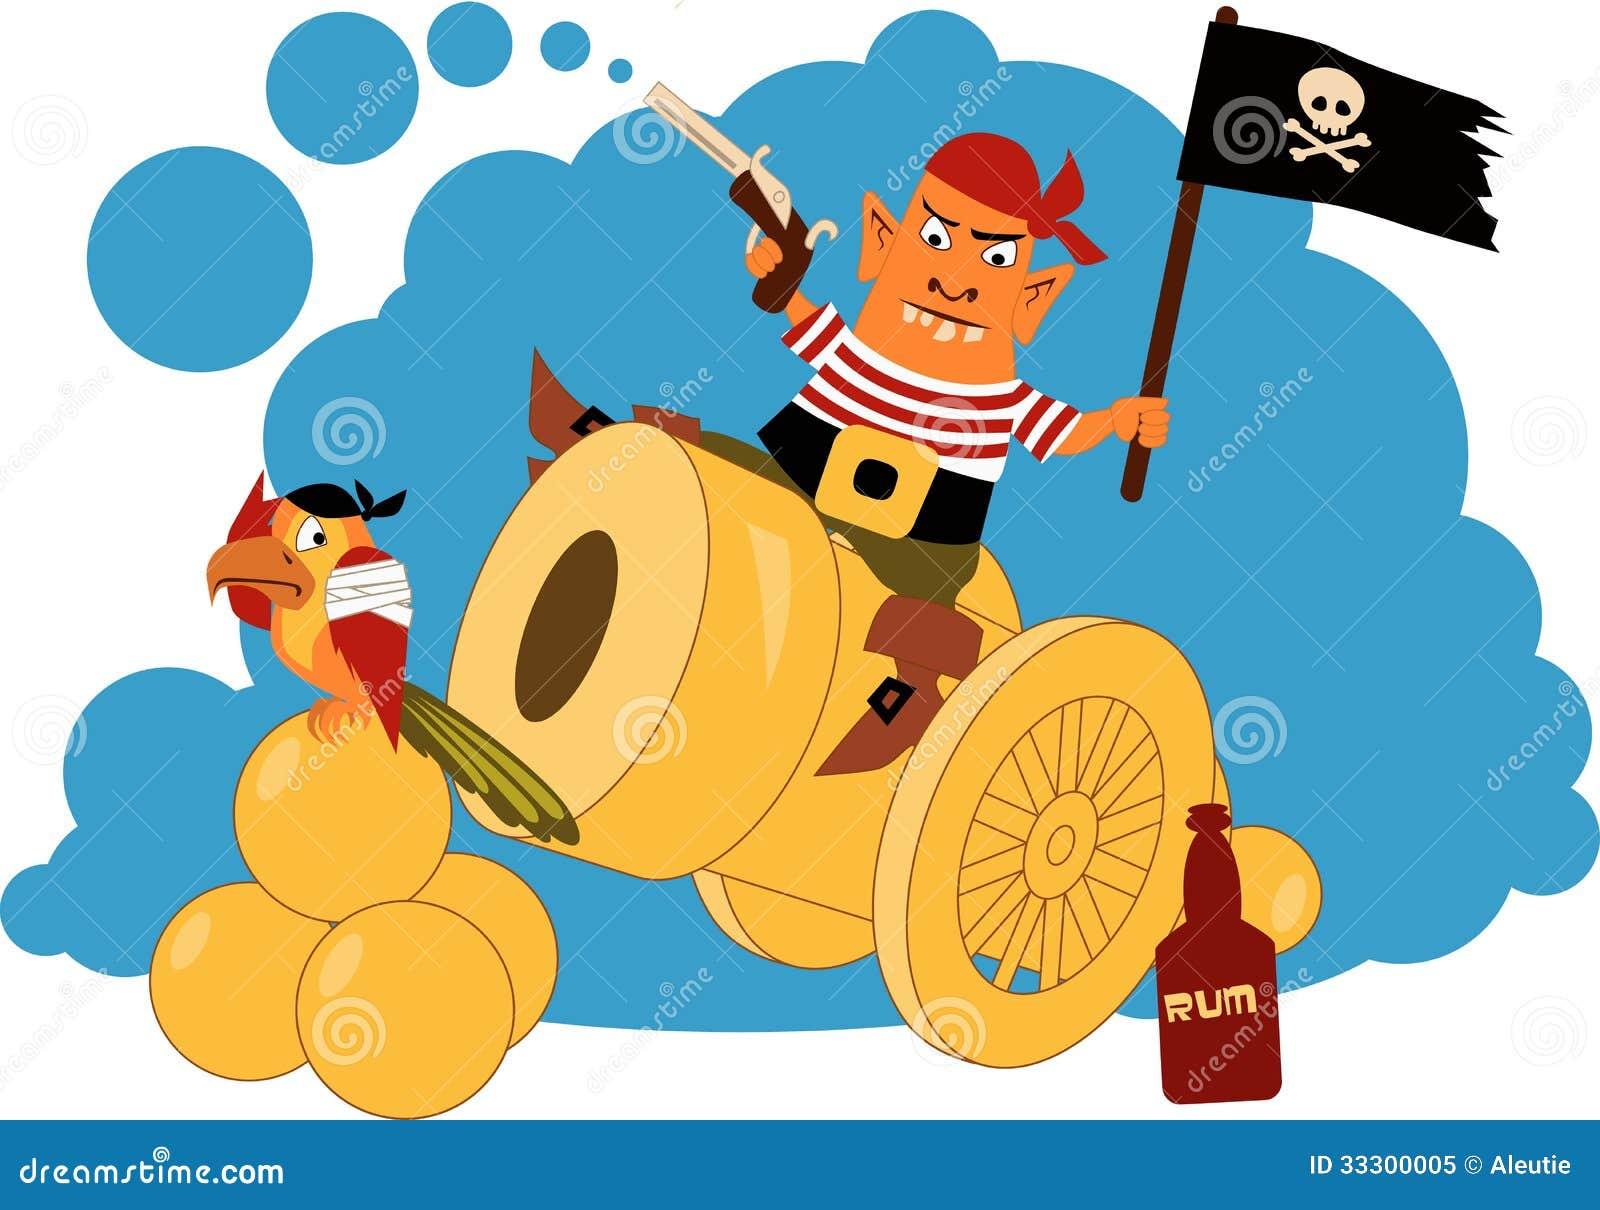 Cartoon pirate sitting on a cannon, firing a gun, waiving a flag ...